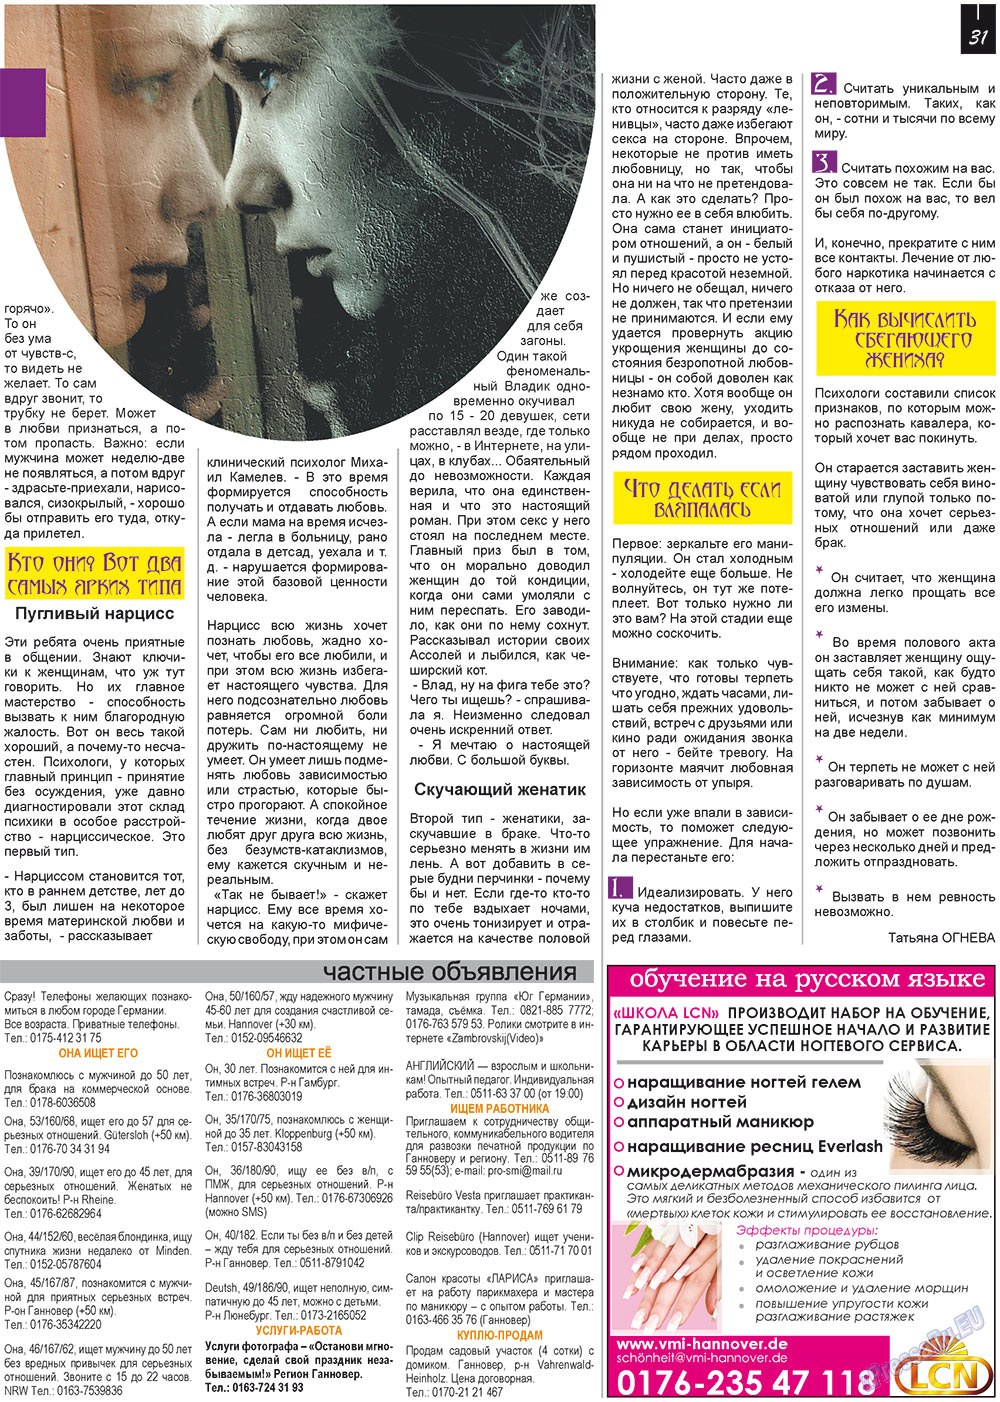 Все pro все (газета). 2011 год, номер 2, стр. 31